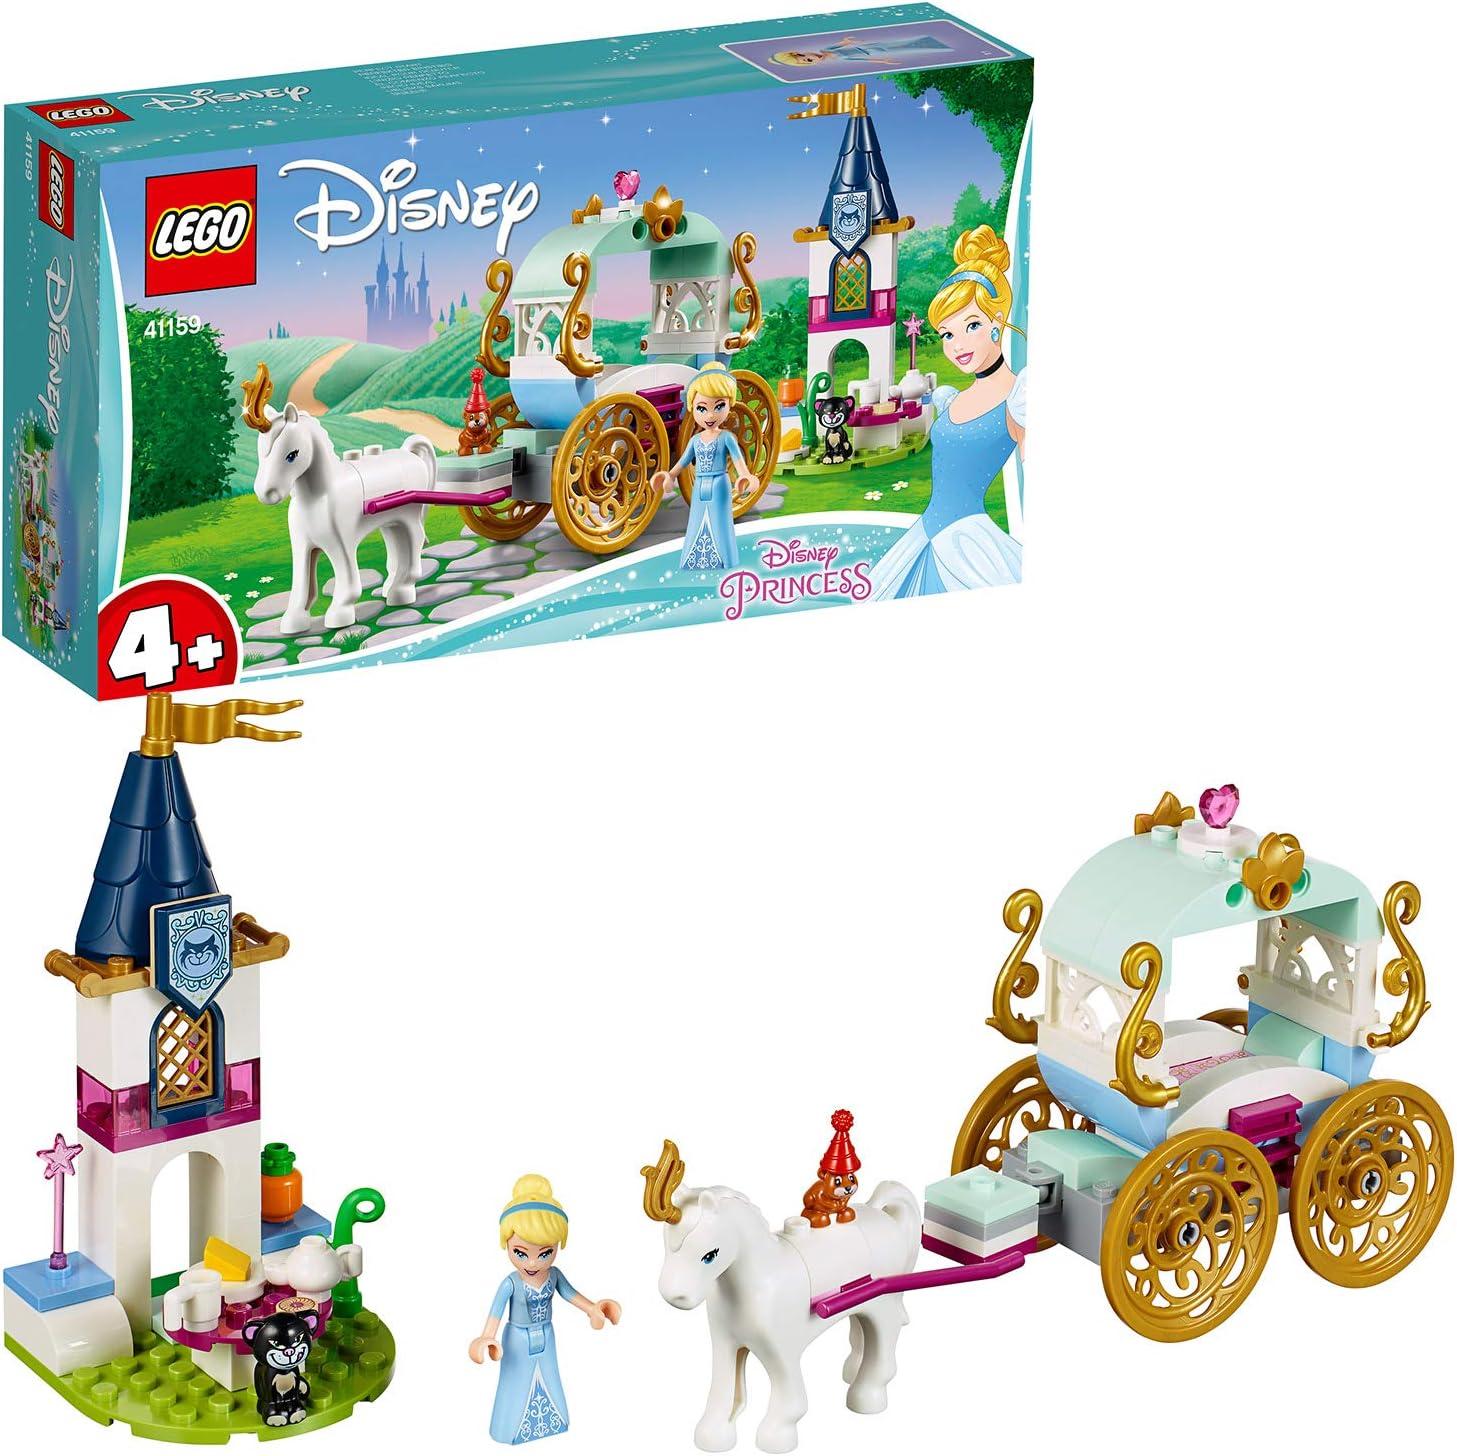 LEGO Disney Princess - Paseo en Carruaje de Cenicienta, juguete imaginativo de construcción (41159)